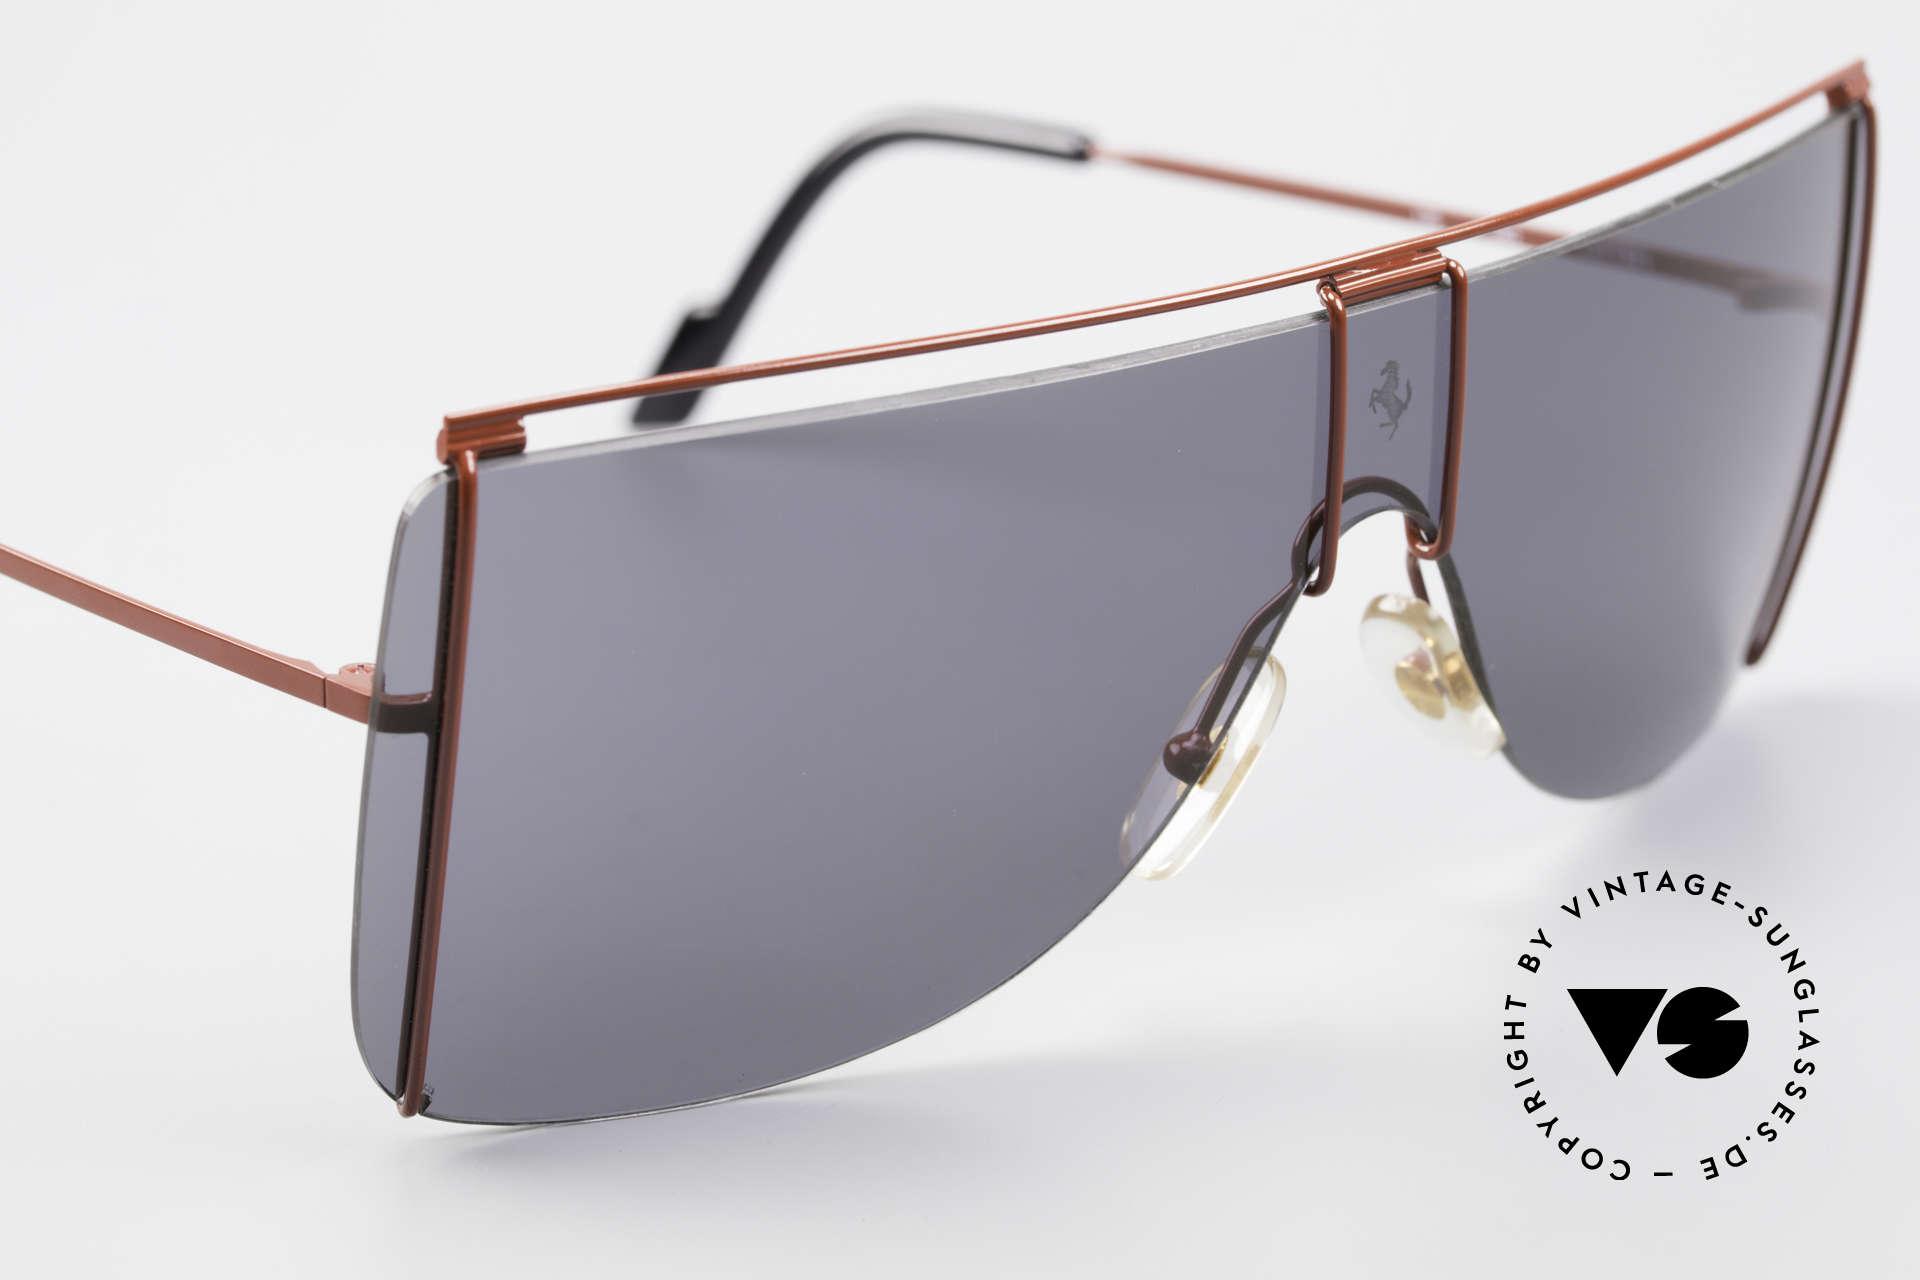 Ferrari F20/S Kylie Jenner Luxus Sonnenbrille, ungetragen (wie alle unsere Ferrari Brillen), Passend für Herren und Damen